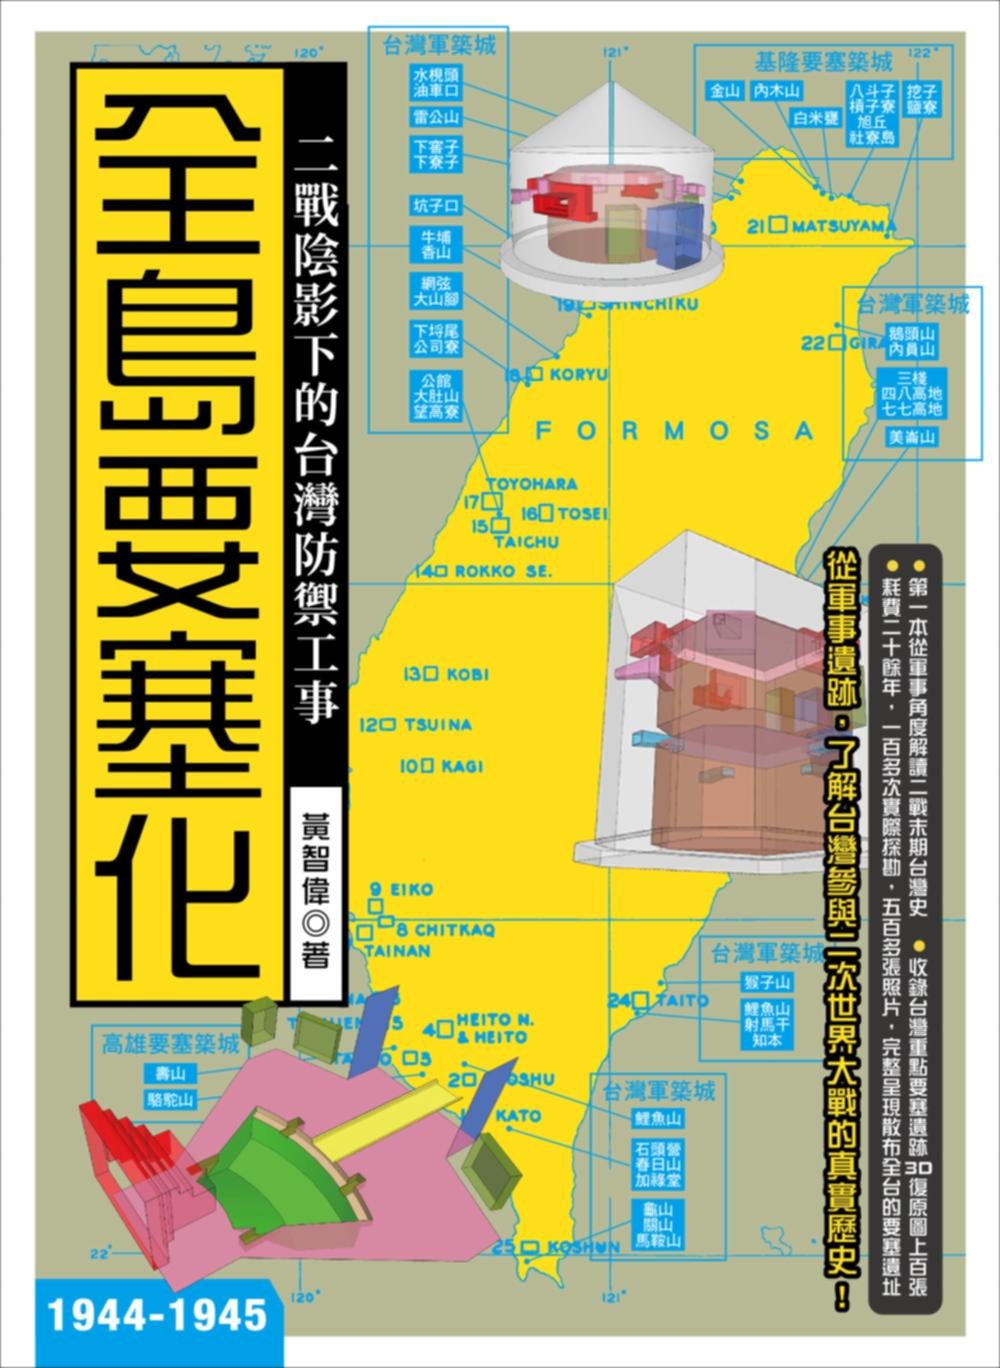 全島要塞化:二戰陰影下的台灣防禦工事(1944-1945)